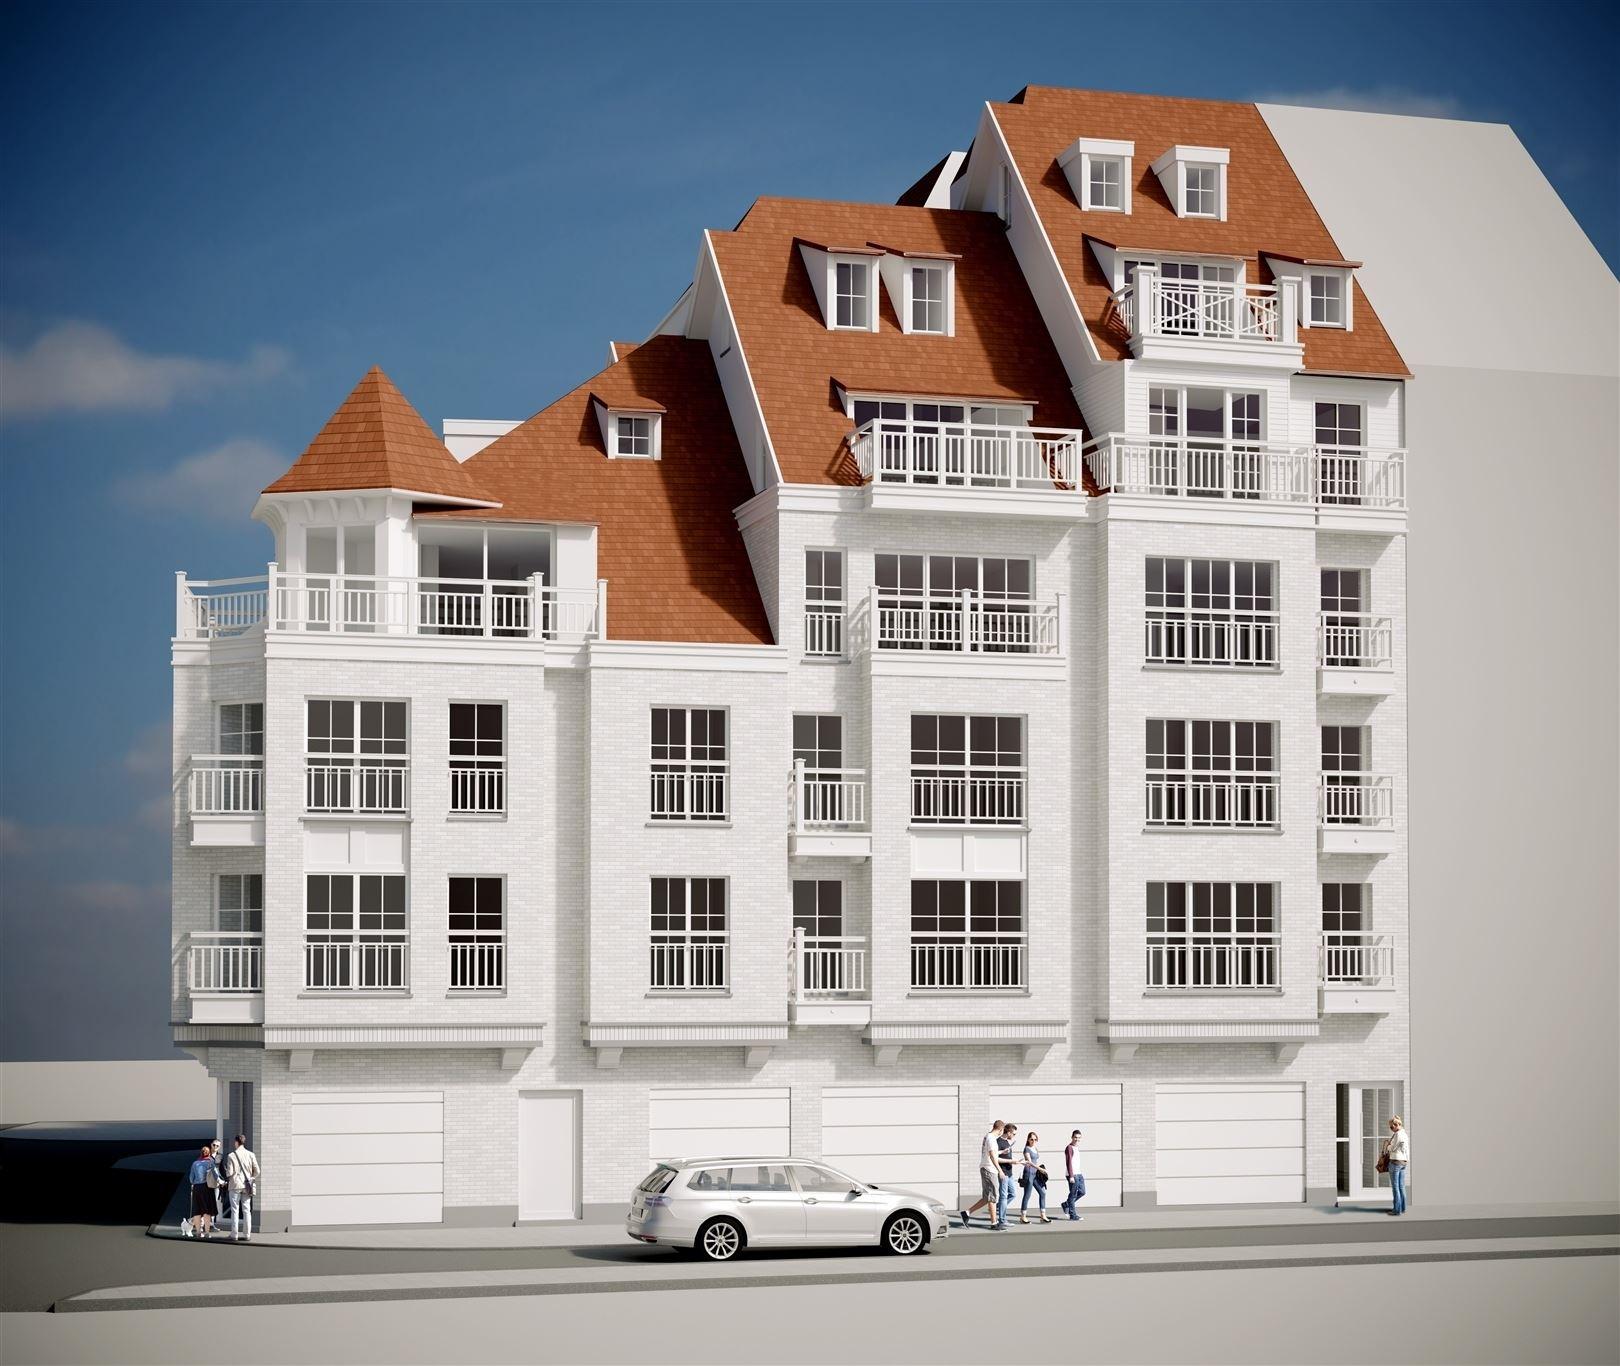 <a class='showAction btn-primary btn' href='/nl/vastgoed/4/nb-hamp0202/appartement-blankenberge-te-koop-nieuwbouw-1-slaapkamer-van-beersstraat-6'>Ontdek deze aanbieding »</a>